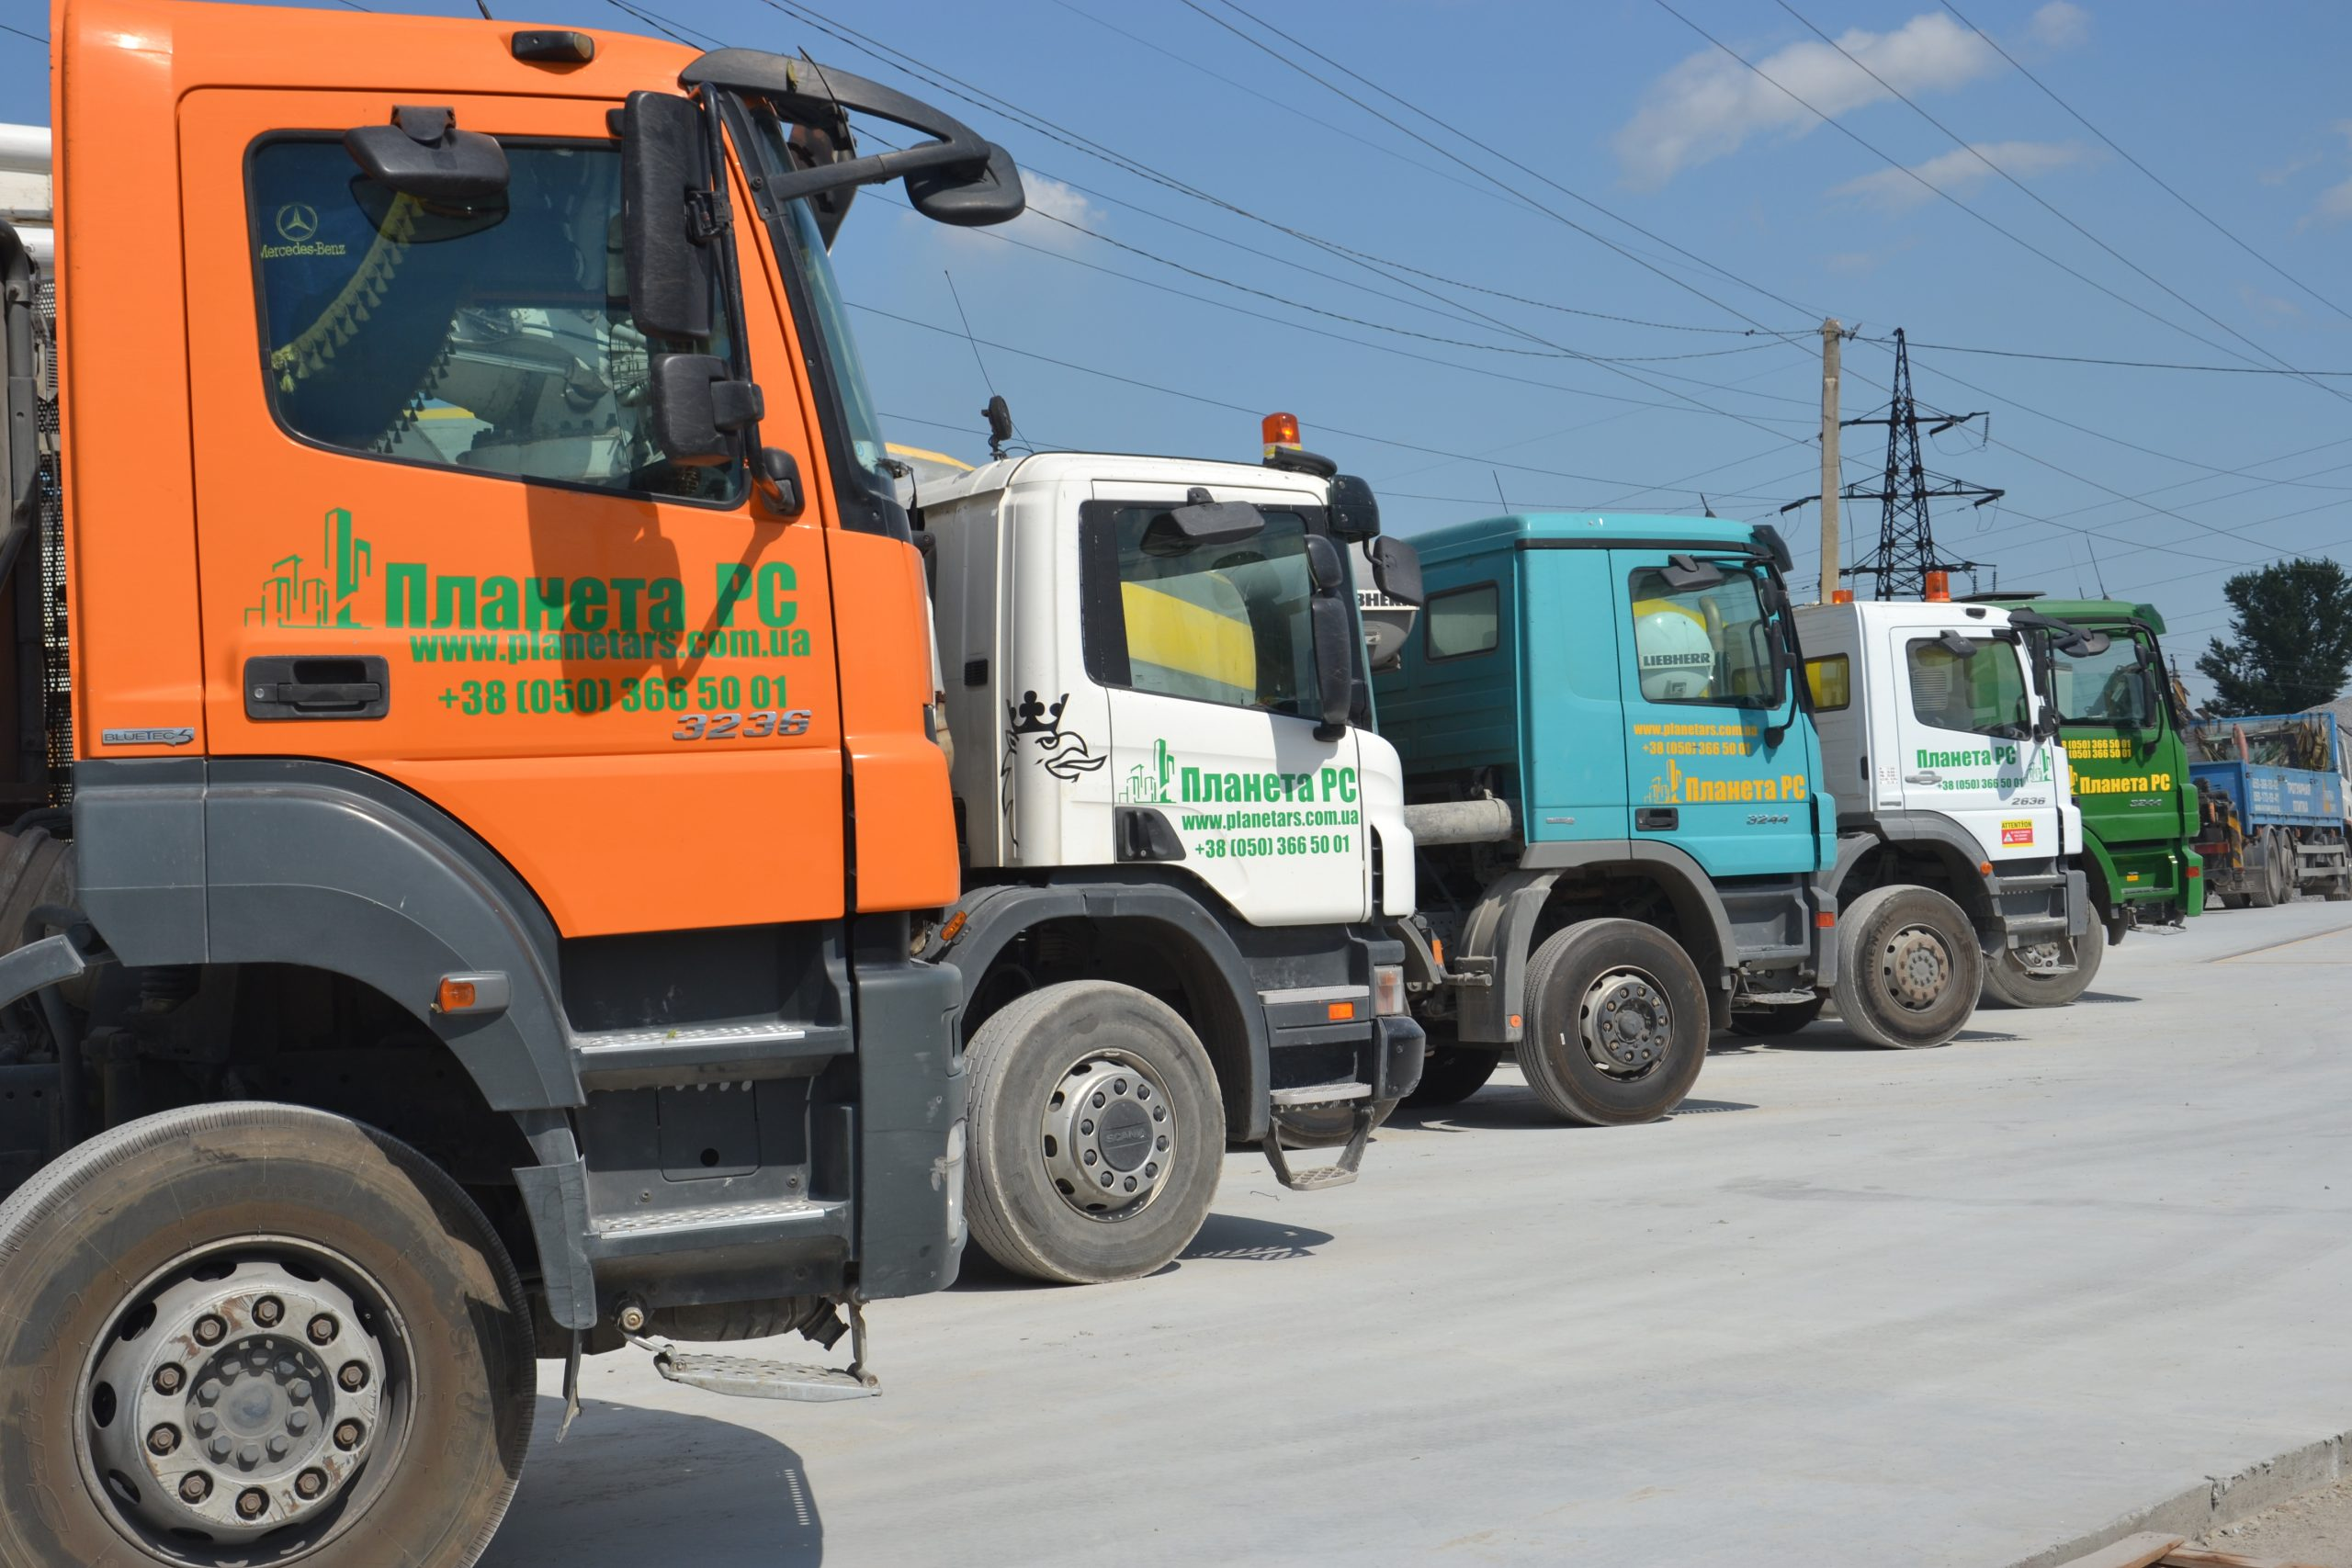 Аренда миксера бетона, доставка бетона, бетононасос Херсон Планета РС